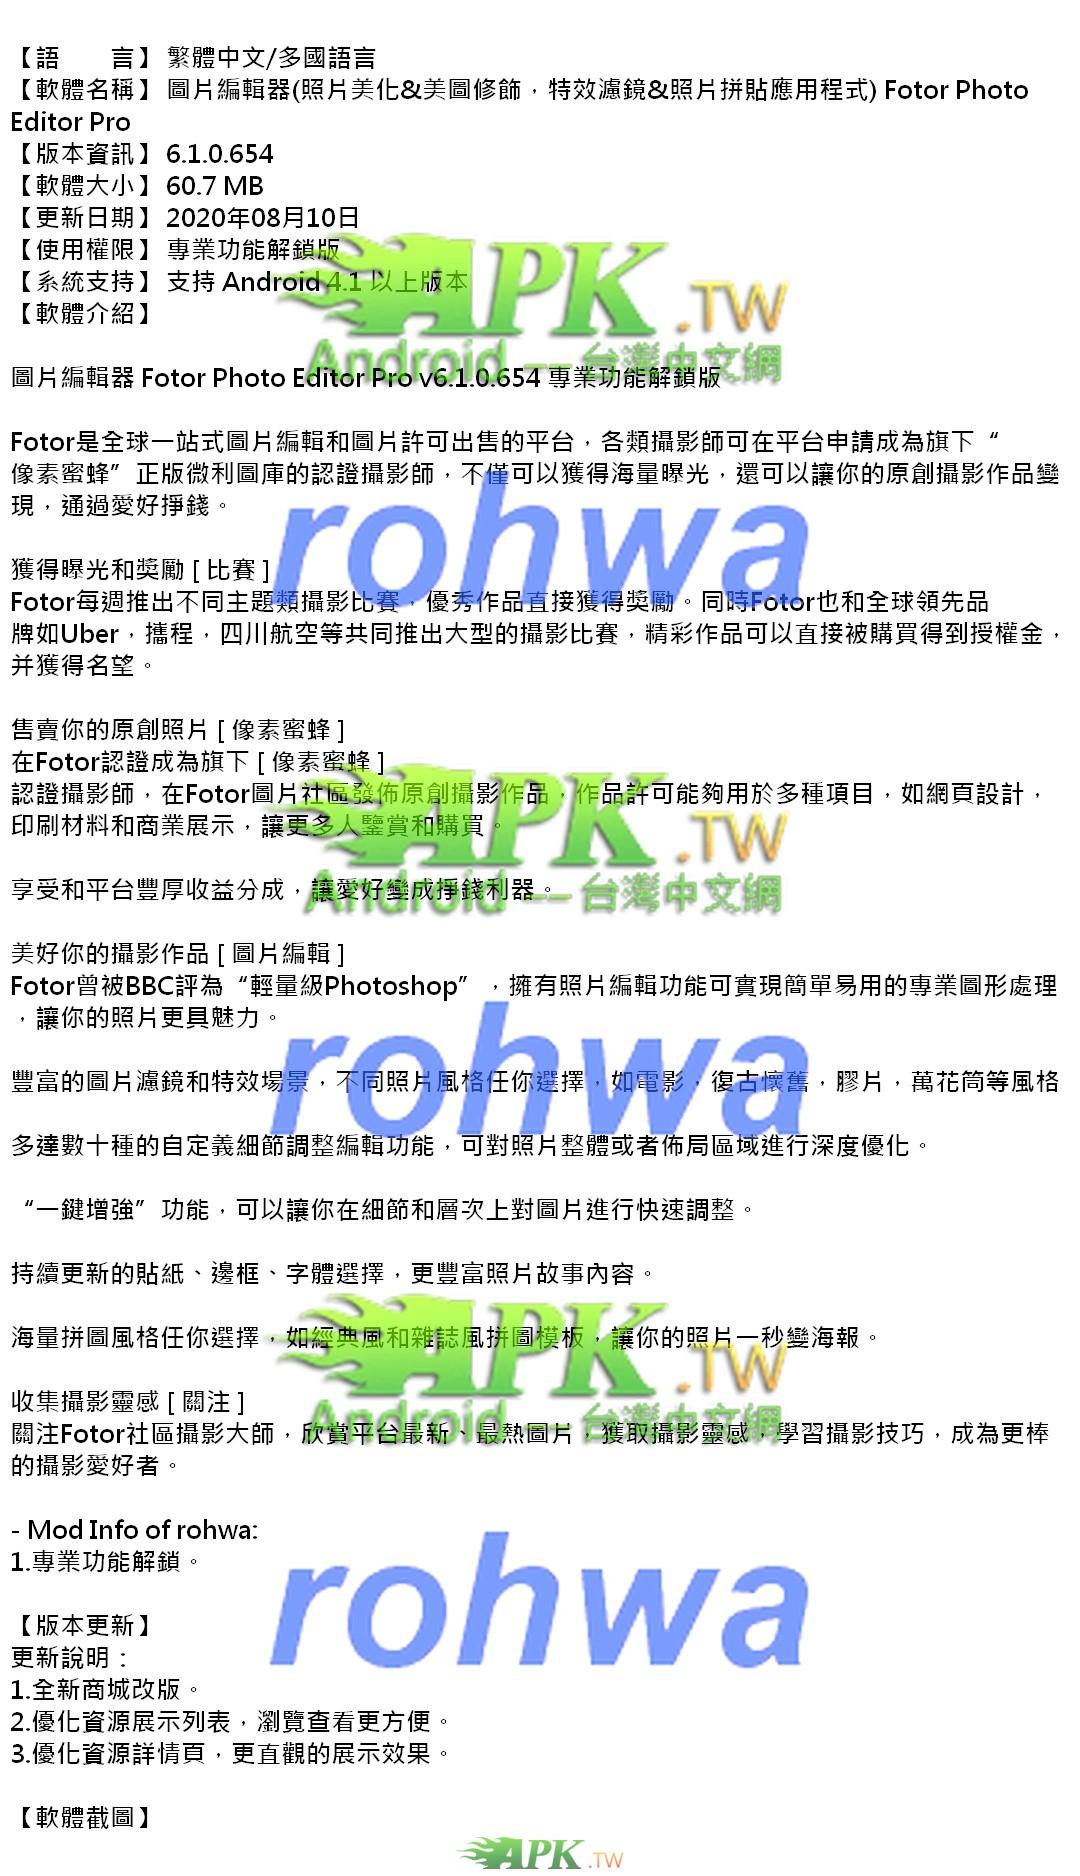 Fotor_Pro_6.1.0.654_.jpg